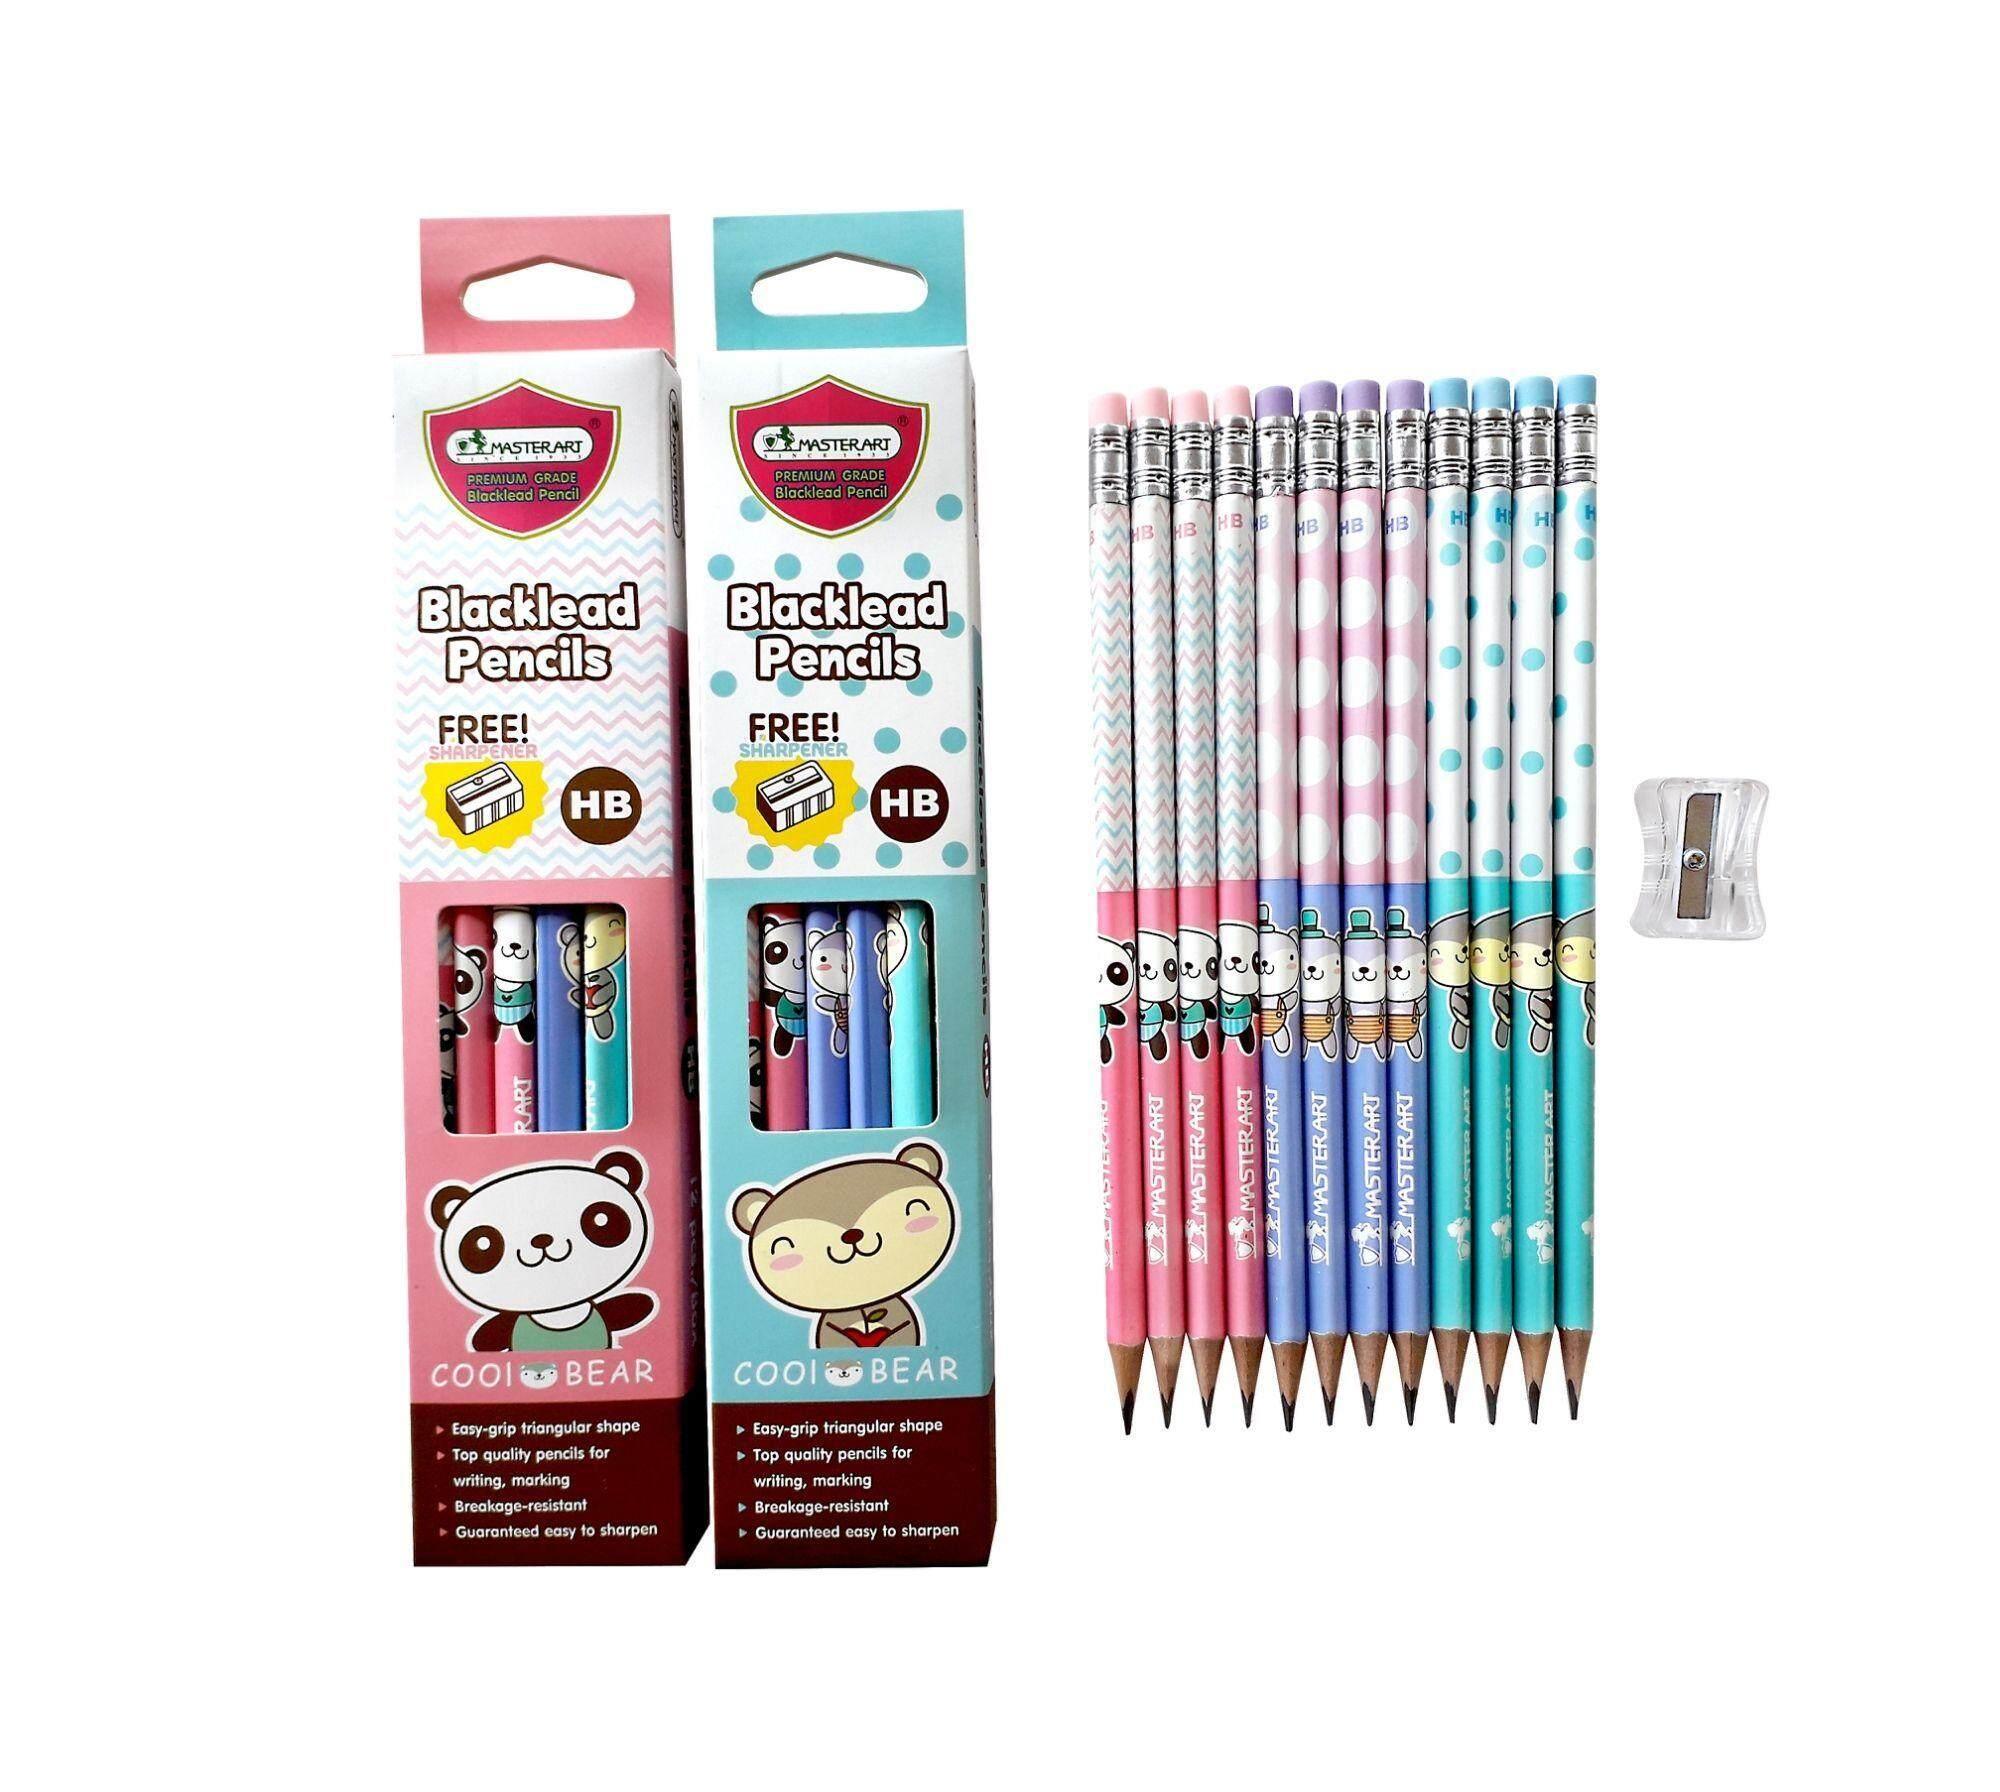 Master Art ดินสอไม้สามเหลี่ยม เกรด Hb ฟรีกบเหลาดินสอ/ 12 แท่ง.